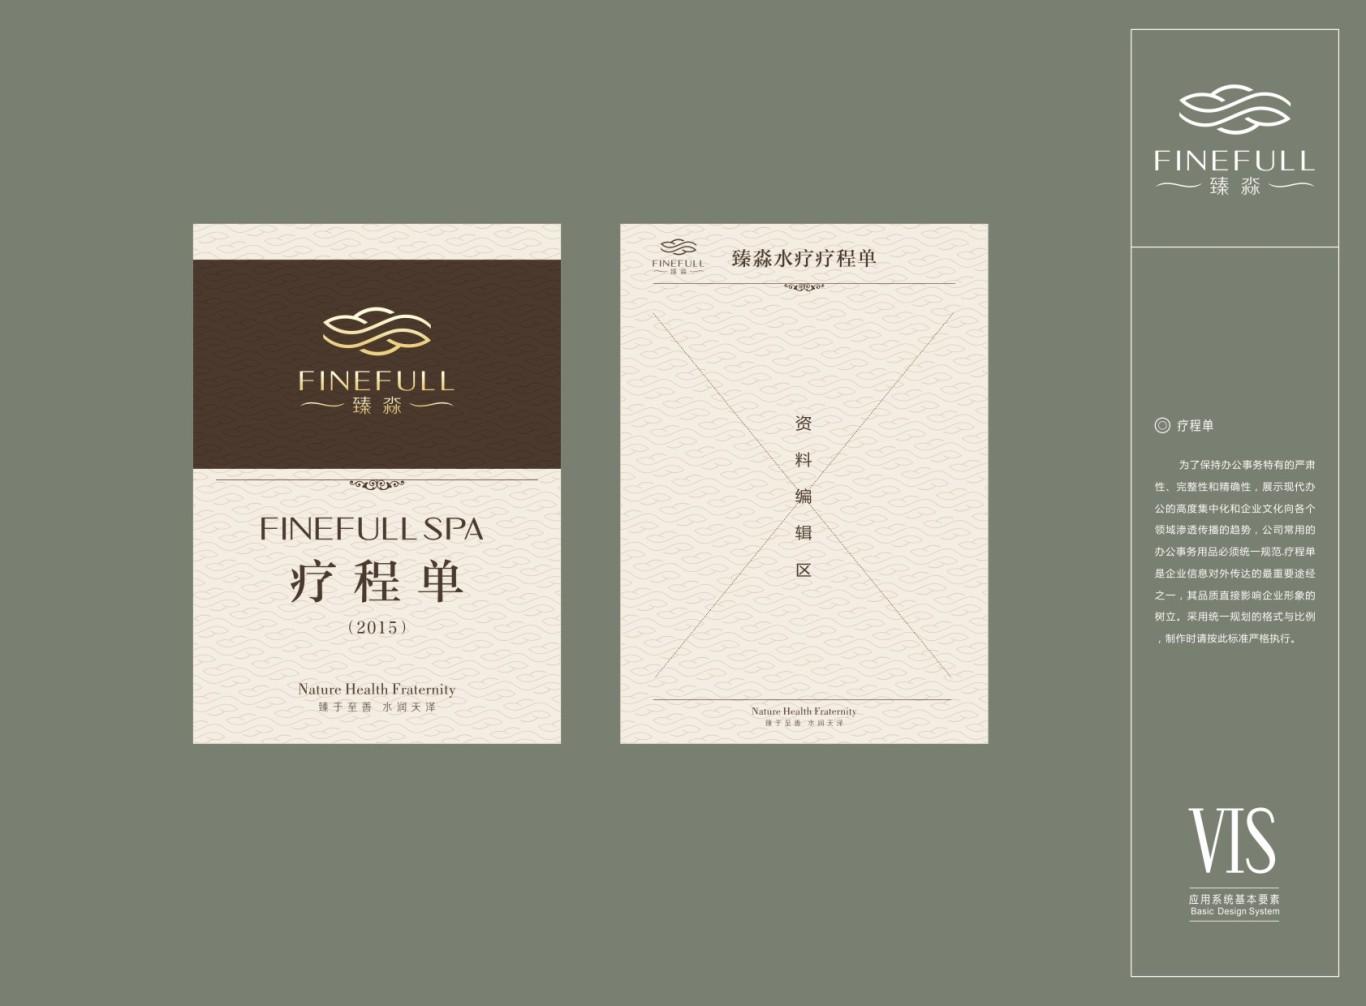 北京五星级FINEFULL-SPA水疗中心标志及VI设计图34